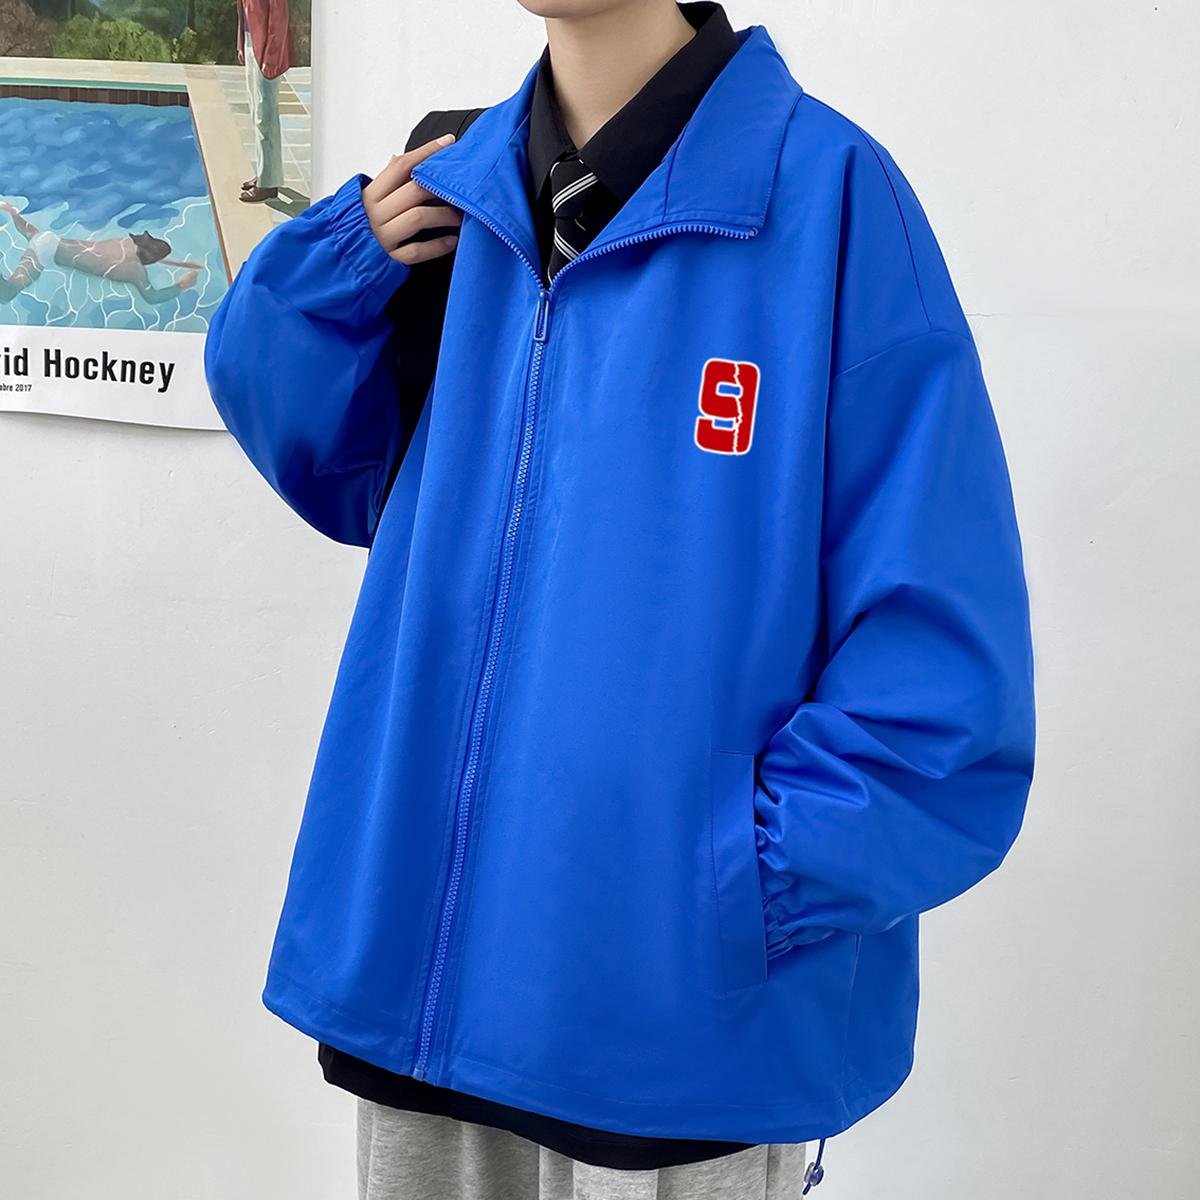 2021新款港风男式休闲简约百搭时尚印花夹克外套A110-JK806-P65